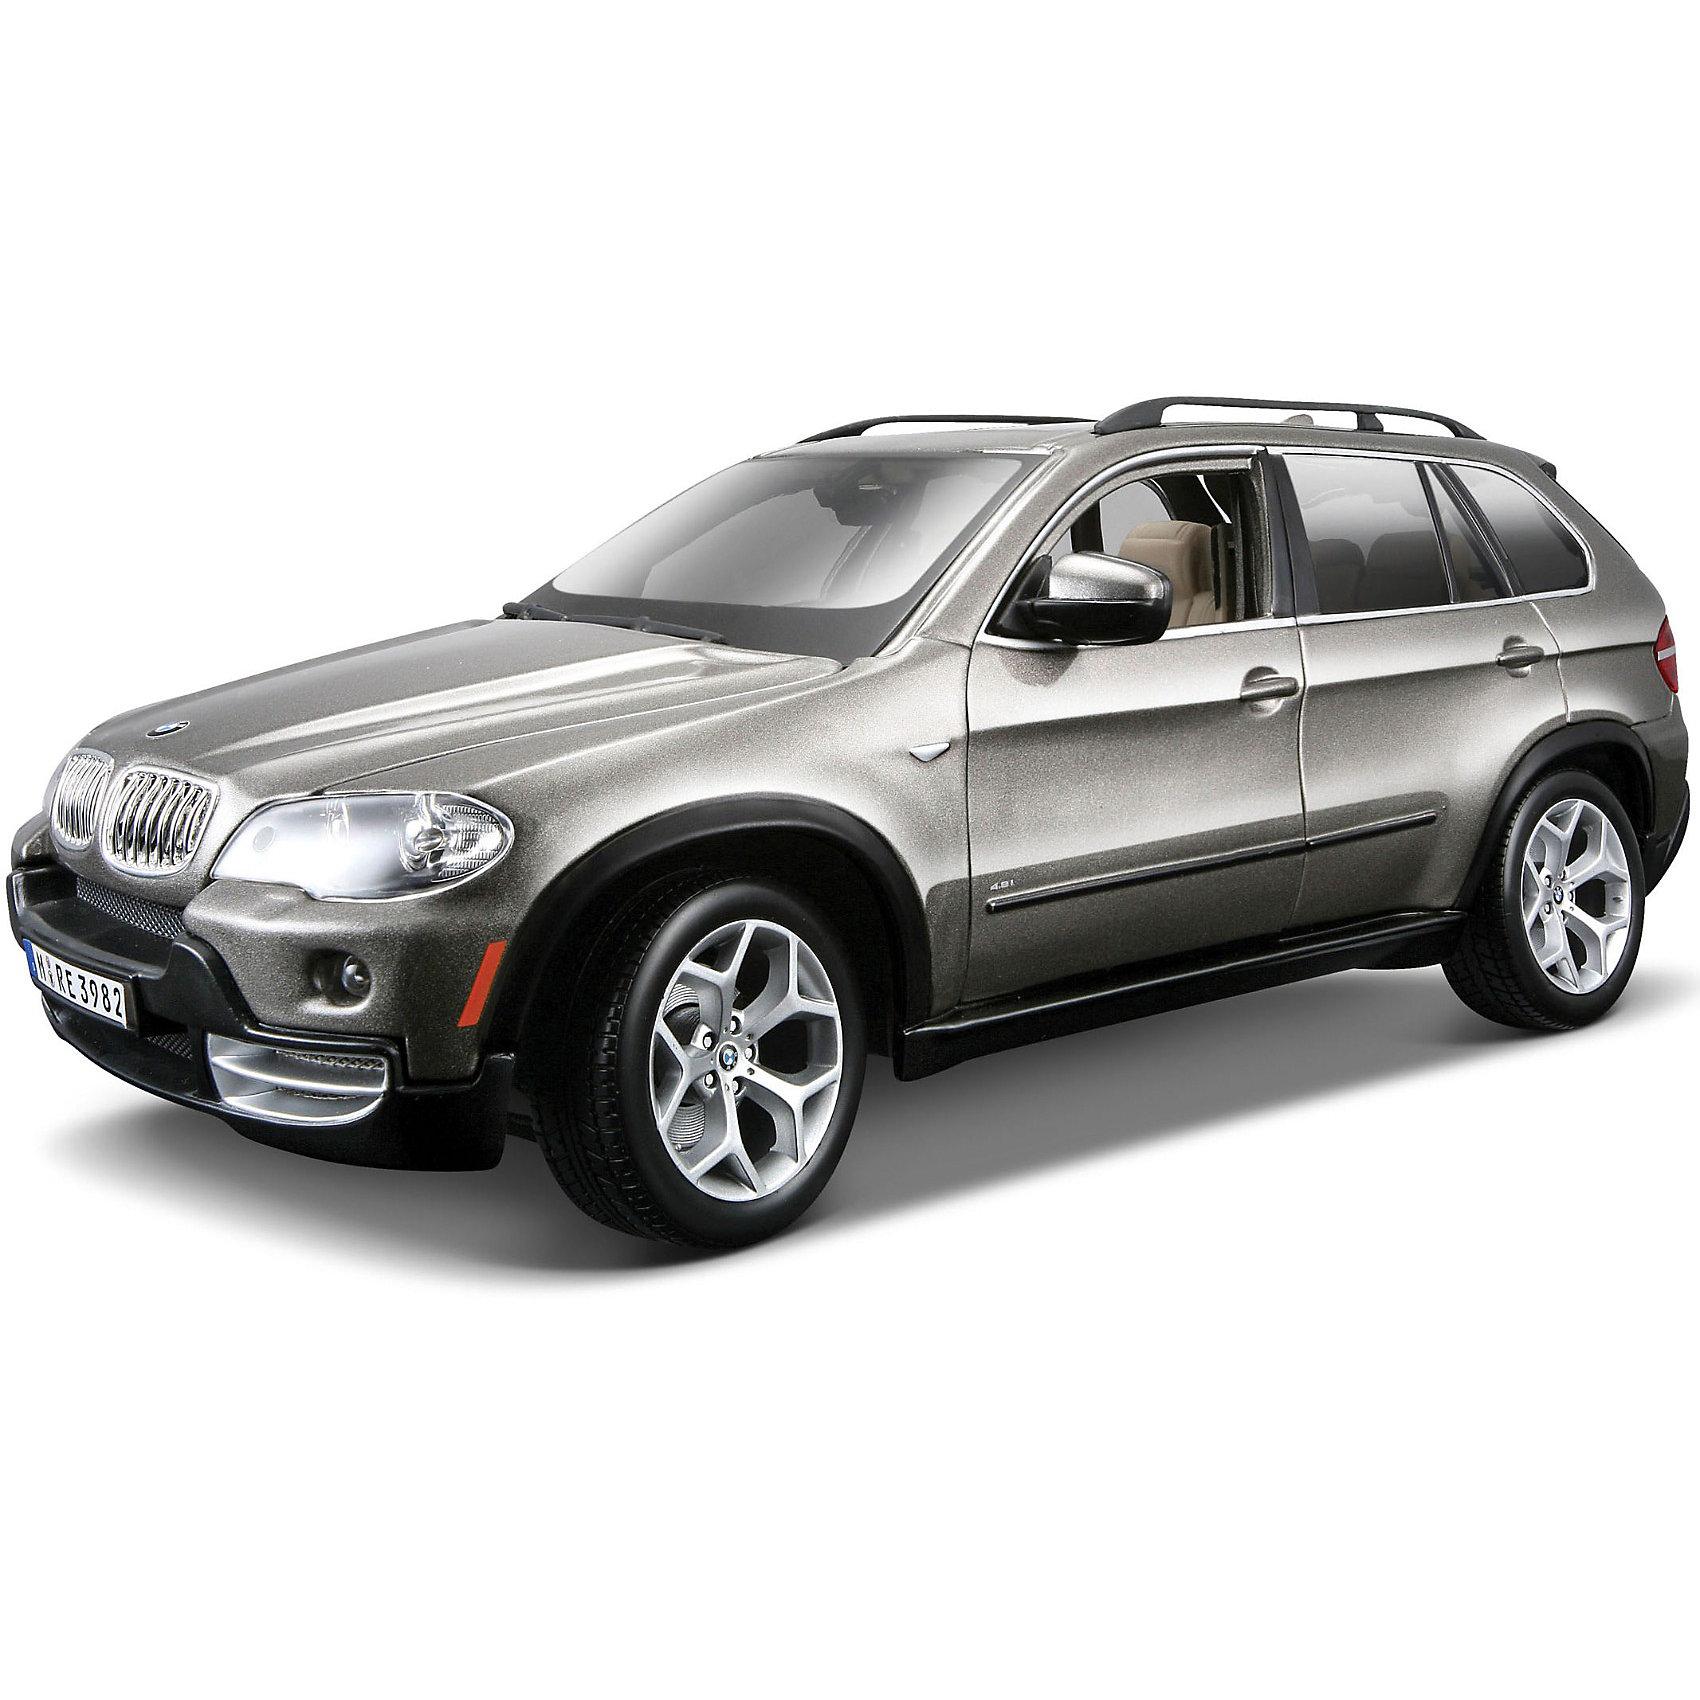 Машина BMW X5 1:18, BburagoМодель машины BMW X5, Bburago станет замечательным подарком для автолюбителей и коллекционеров всех возрастов. Модель отличаются высокой степенью детализации и тщательной проработкой всех элементов.<br><br>Машинка BMW X5 представляет собой точную копию настоящего автомобиля в масштабе 1:18. Впервые внедорожник BMW X5 была представлен в 1999 году на автосалоне в Детройте, автомобиль сочетает в себе комфорт, динамику и высокие качества внедорожника. Модель от Bburago оснащена прочными стеклами и зеркалами заднего вида, интерьер салона и панель управления тщательно проработаны. Двери, багажник и капот открываются. Корпус модели выполнен из металла с элементами из пластика.<br><br>Дополнительная информация:<br><br>- Материал: металл, пластик, колеса прорезиненные.<br>- Масштаб: 1:18.<br>- Размер: 12 х 29,6 х 17,5 см.<br>- Вес: 1,12 кг. <br><br>Модель машины BMW X5, Bburago (Бураго) можно купить в нашем интернет-магазине.<br><br>Ширина мм: 296<br>Глубина мм: 120<br>Высота мм: 200<br>Вес г: 1030<br>Возраст от месяцев: 144<br>Возраст до месяцев: 1164<br>Пол: Мужской<br>Возраст: Детский<br>SKU: 3369435